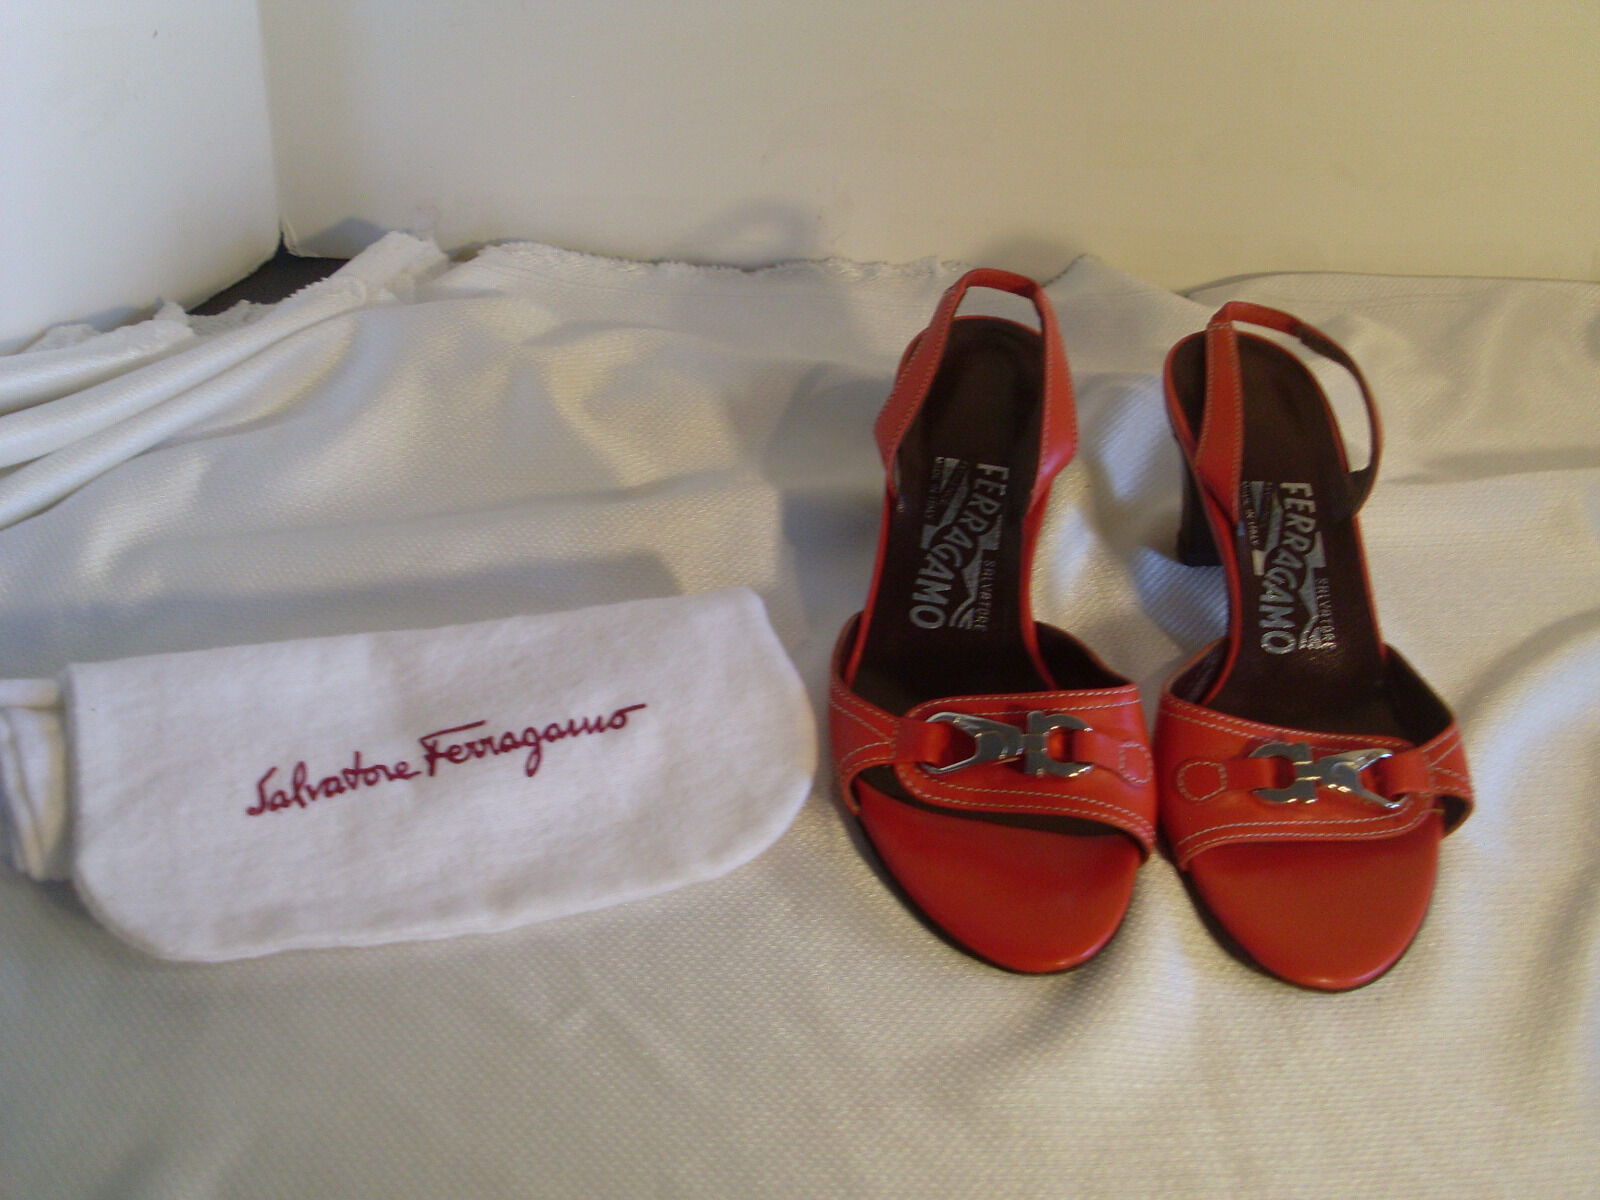 SALVATORE FERRAGAMO ROT W/ SILVER SIGNATURE CLOTH HEELS SZ 5M W/ CLOTH SIGNATURE BAG#30 e76d3d